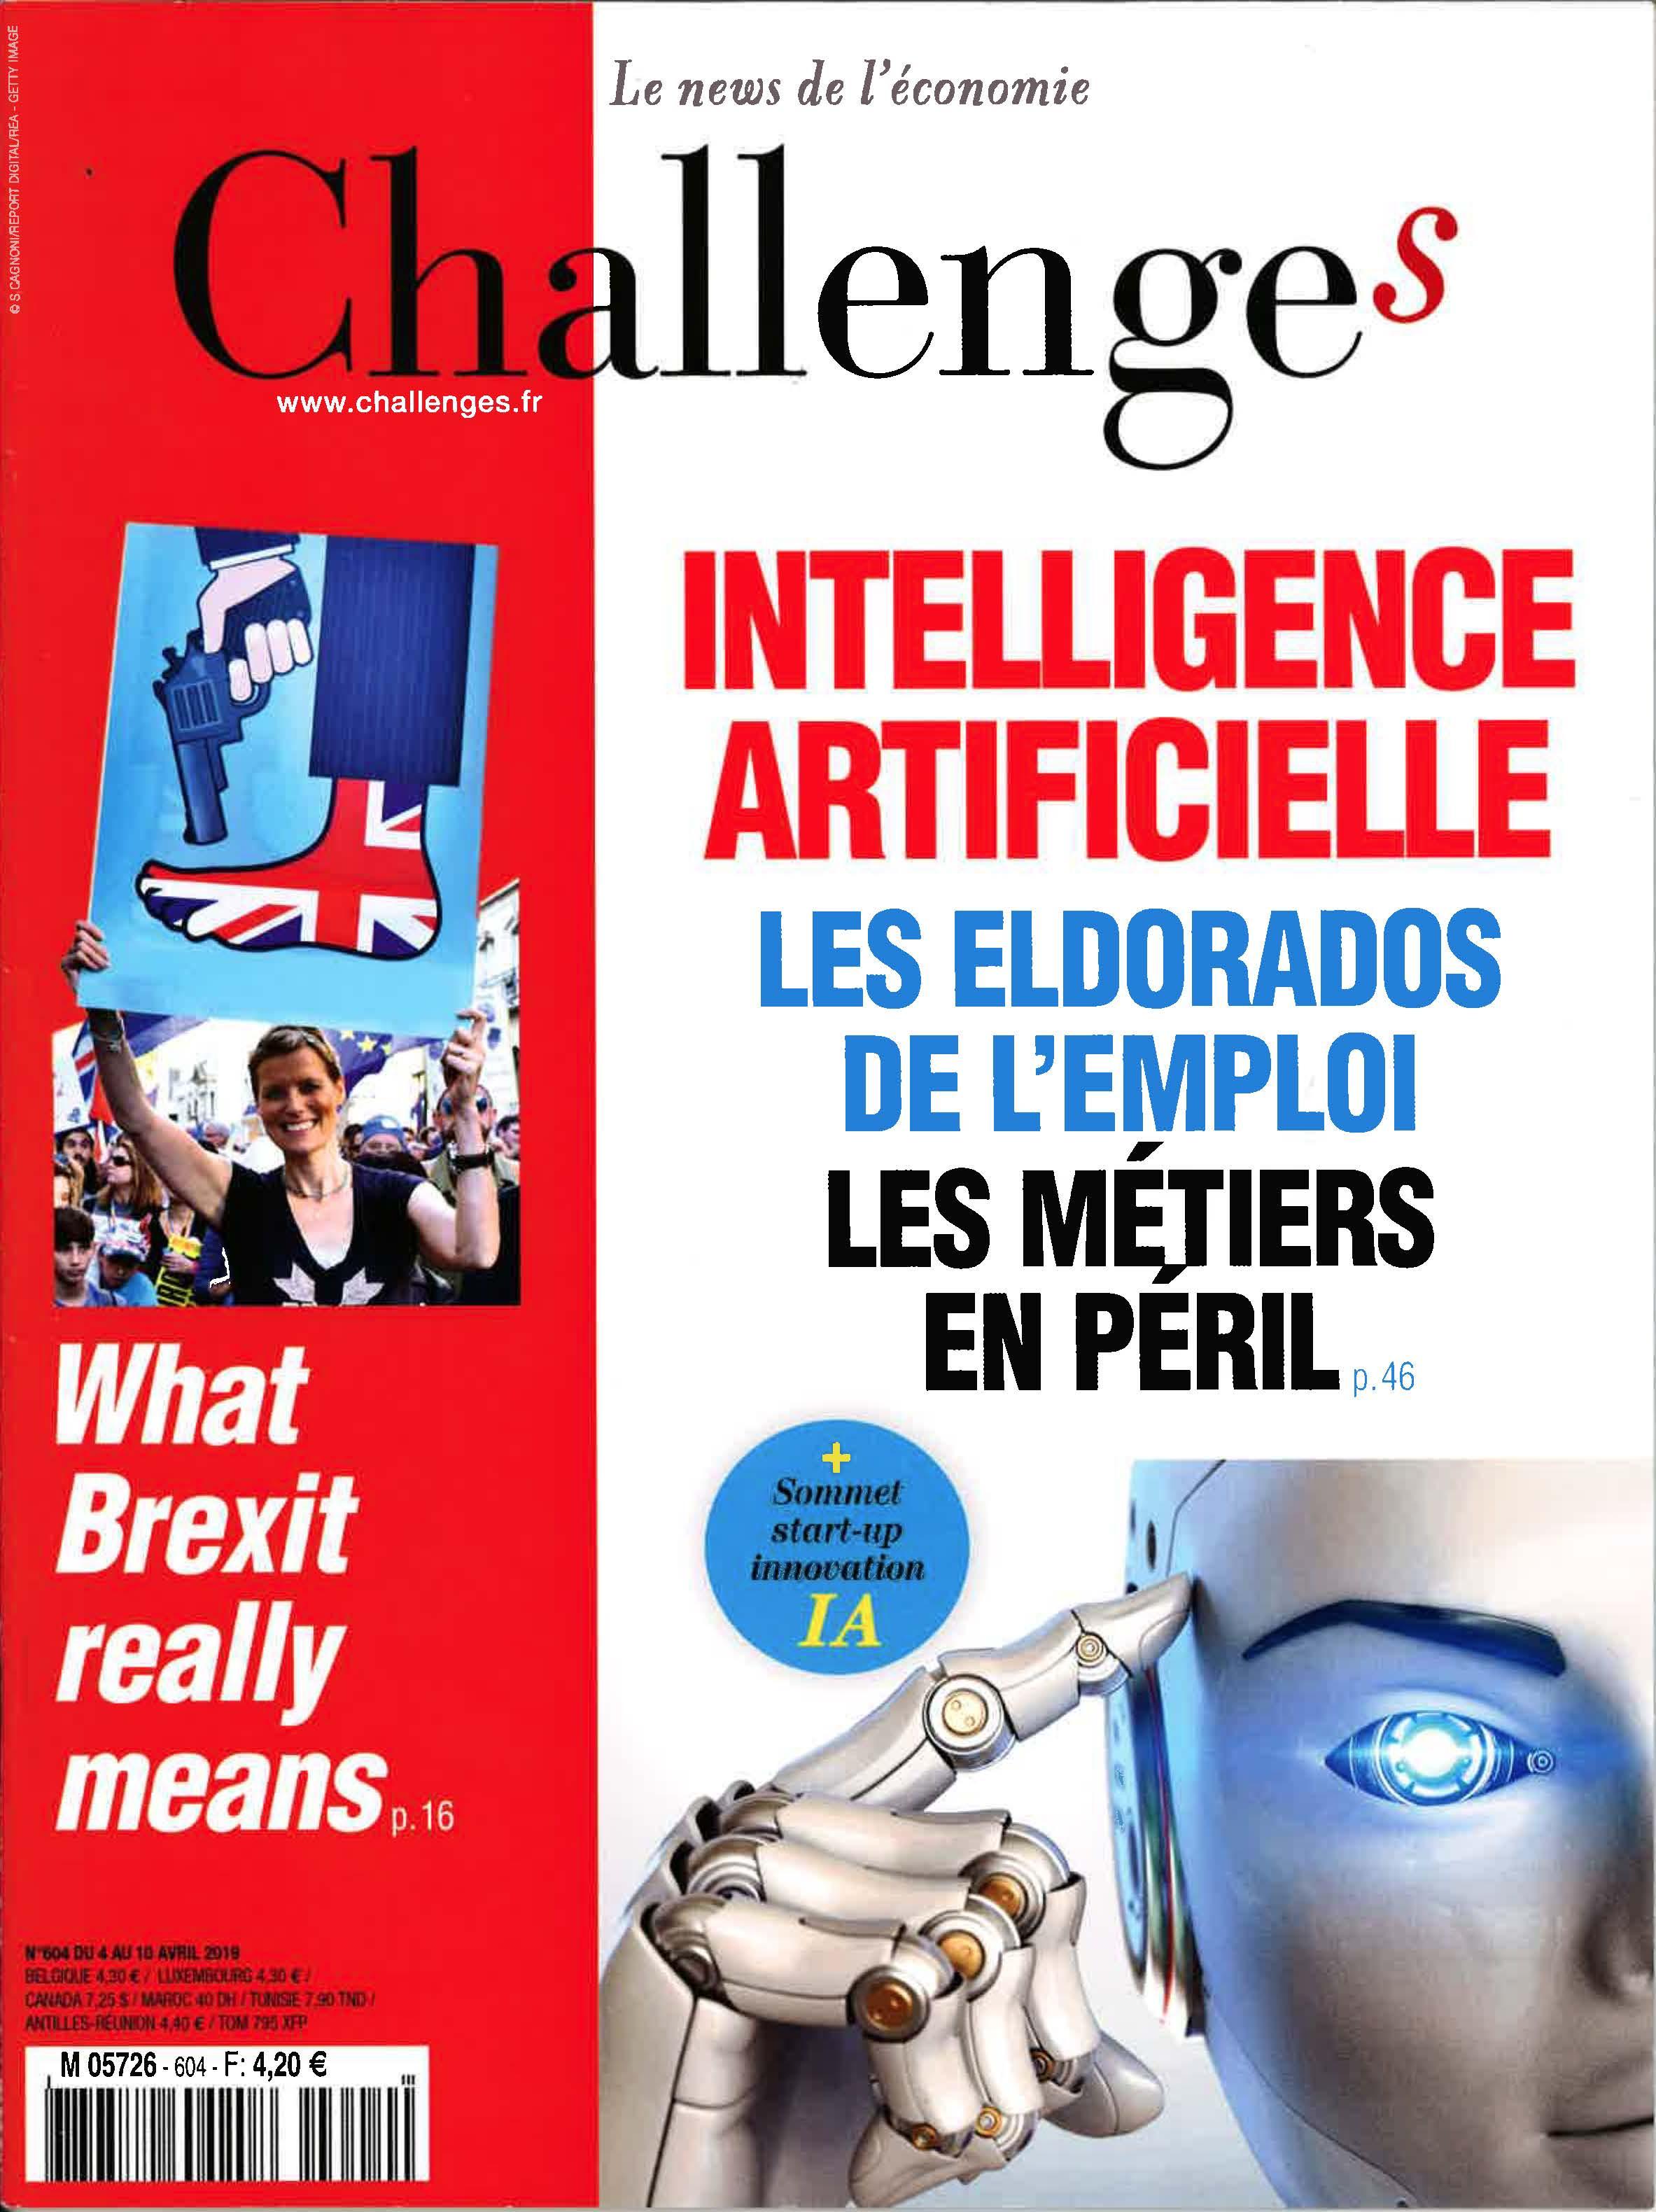 PAD Paris - Challenges